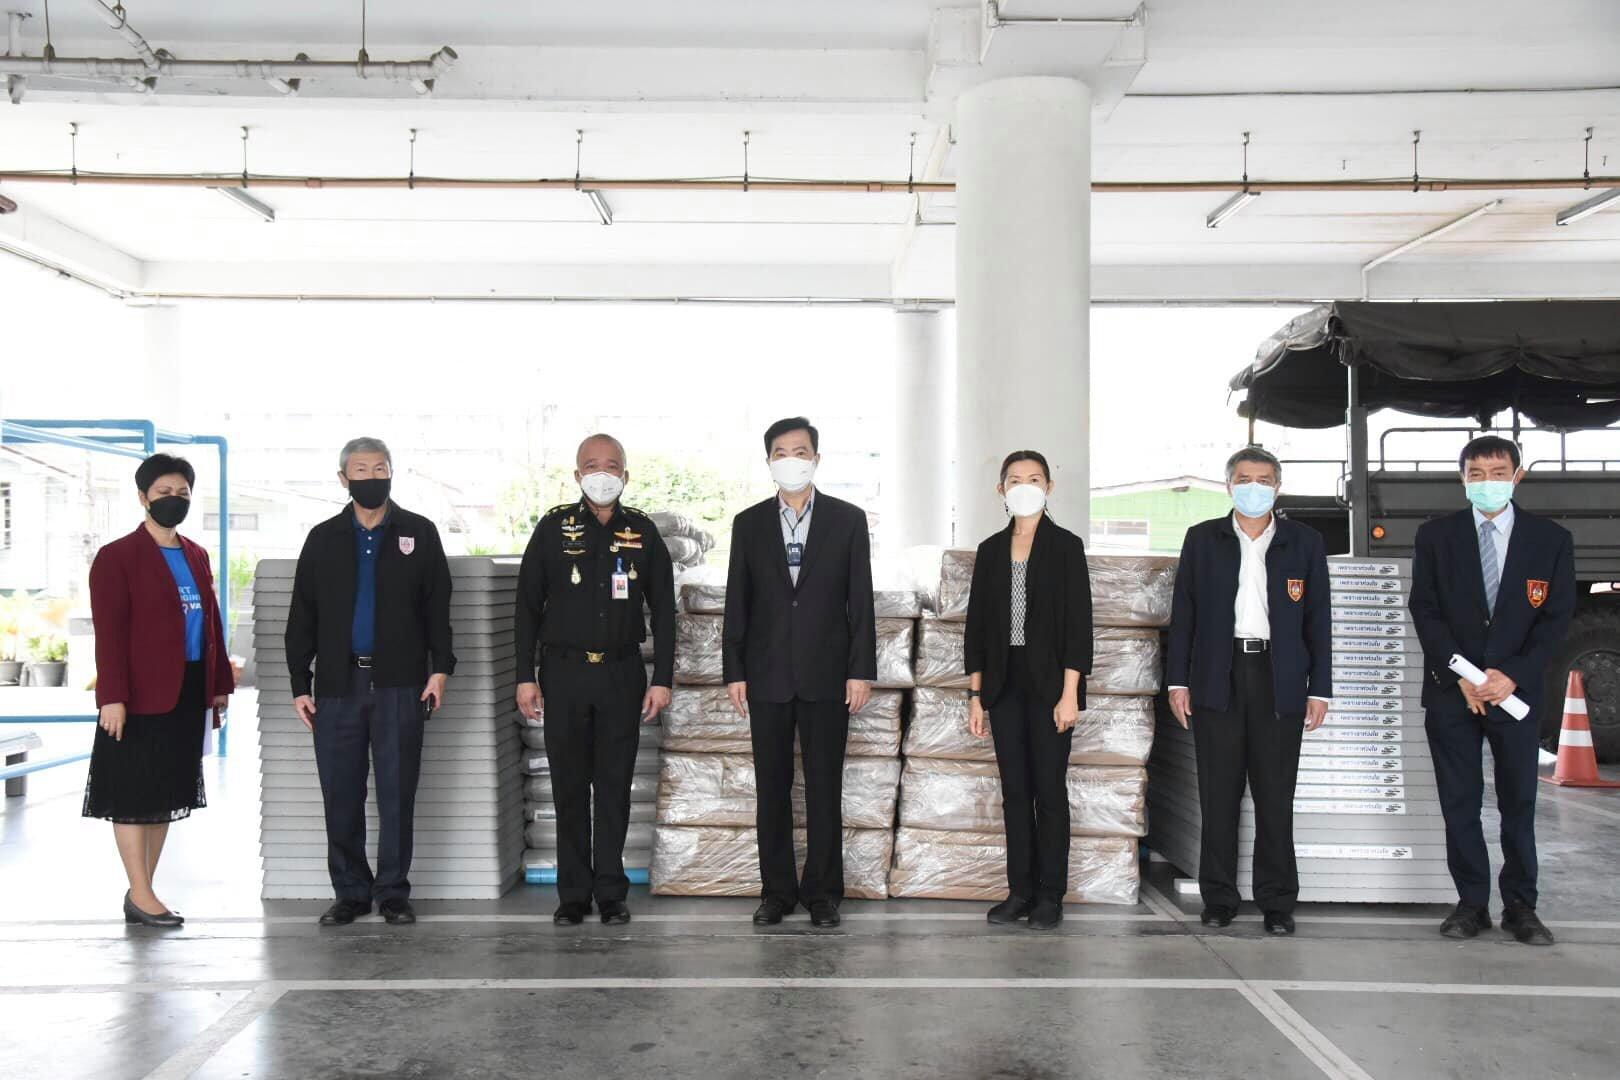 วิศวกรรมสถานแห่งประเทศไทย ในพระบรมราชูปถัมภ์ รับบริจาคเตียงสนาม Aeroklas พร้อมชุดเครื่องนอน จำนวน 50 ชุด